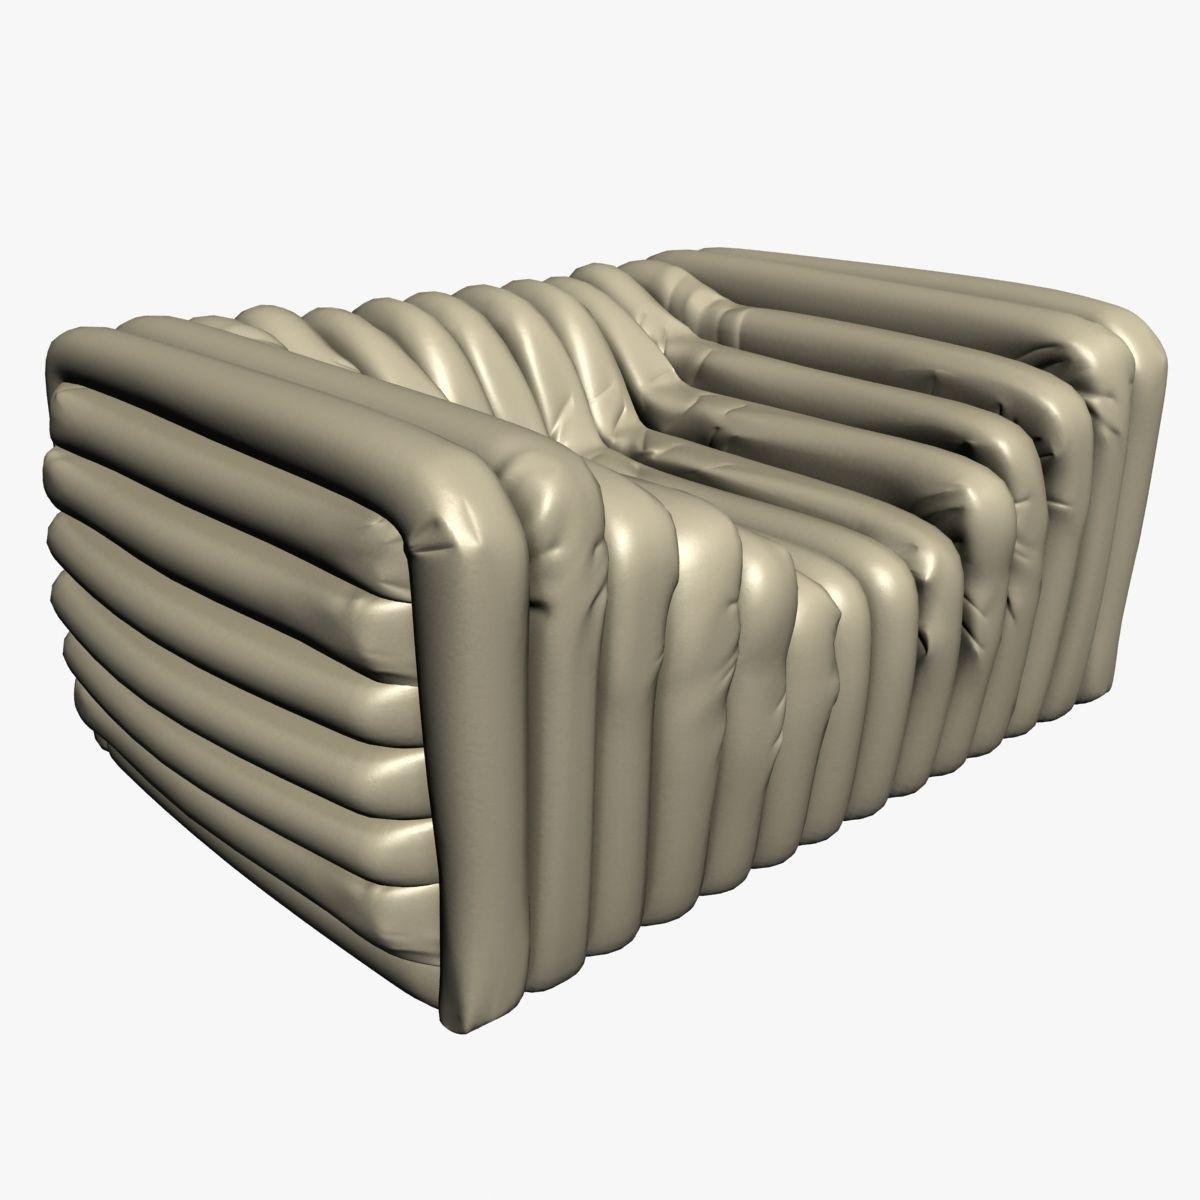 Good Versace Bubble Sofa 3d Model Max Obj 3ds Fbx Mtl 1 ...